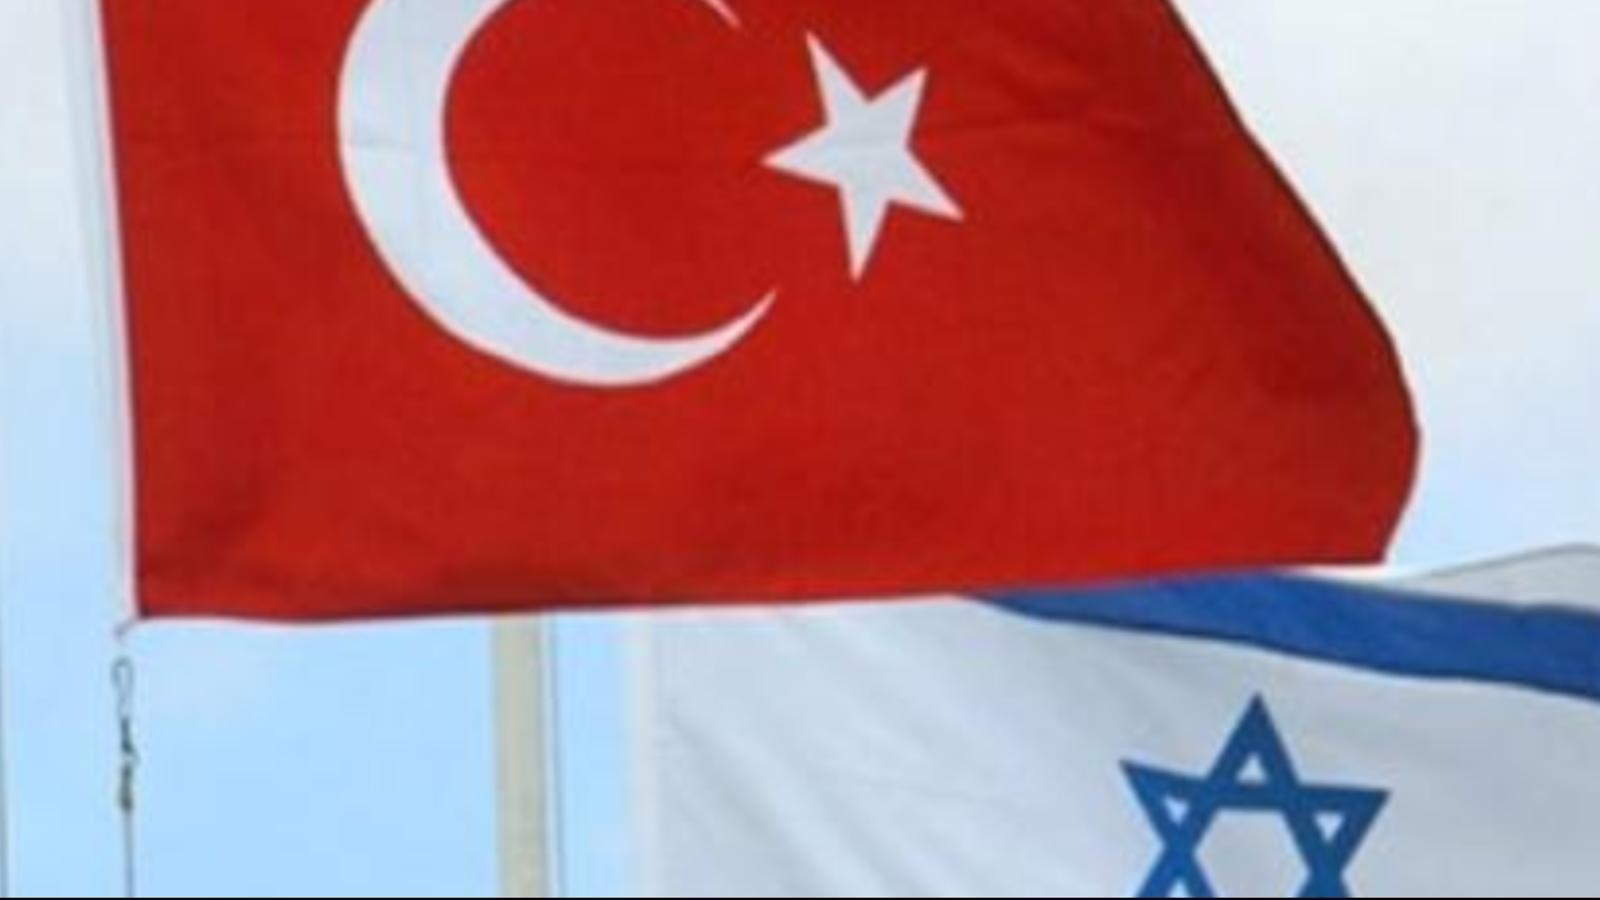 Analisi sugli sviluppi dei rapporti fra Turchia e Israele